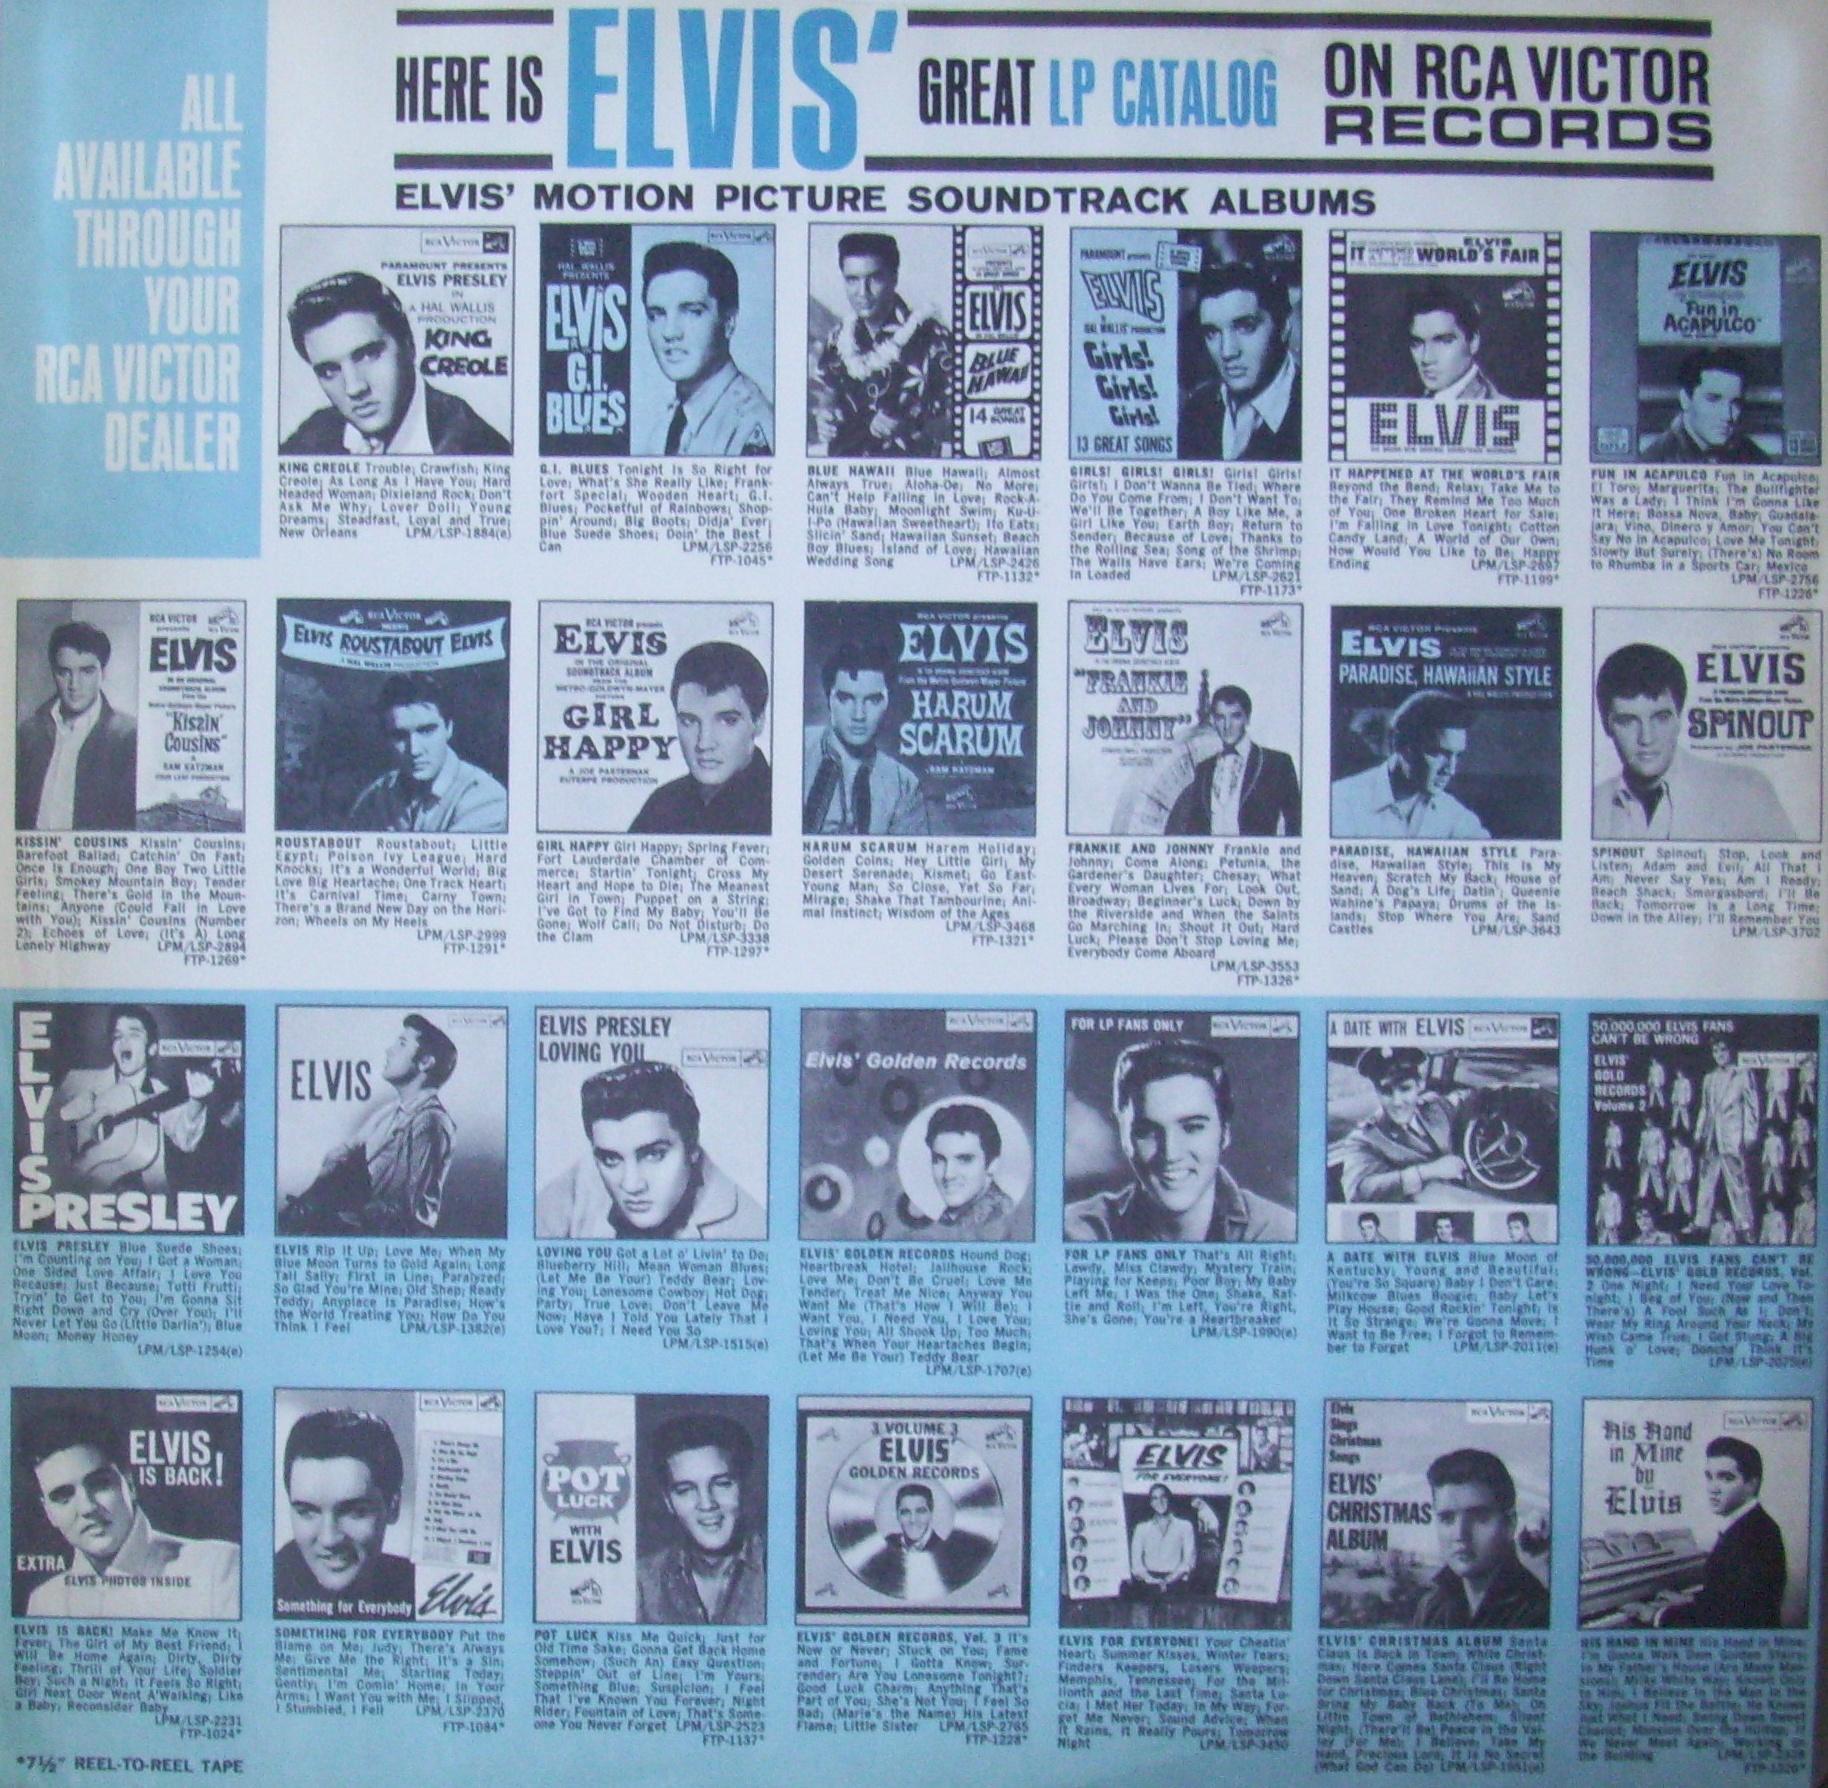 ELVIS' GOLD RECORDS VOL 4 8mh78qwq